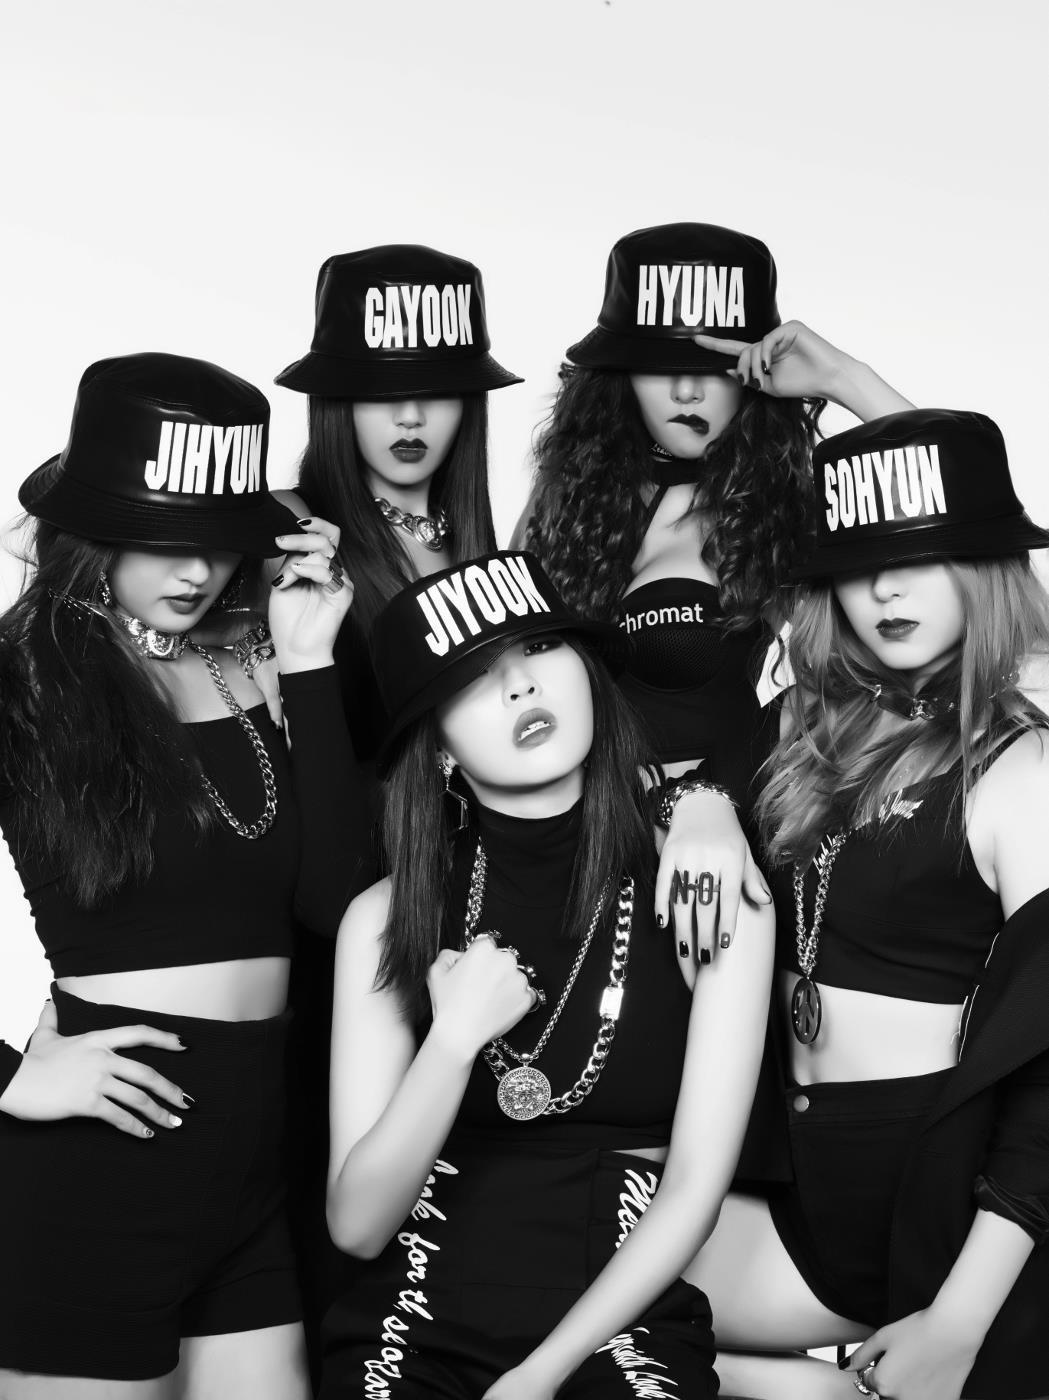 Sau Lee Hyori, ai sẽ là nữ hoàng sân khấu kế cận của Kpop? - Ảnh 12.